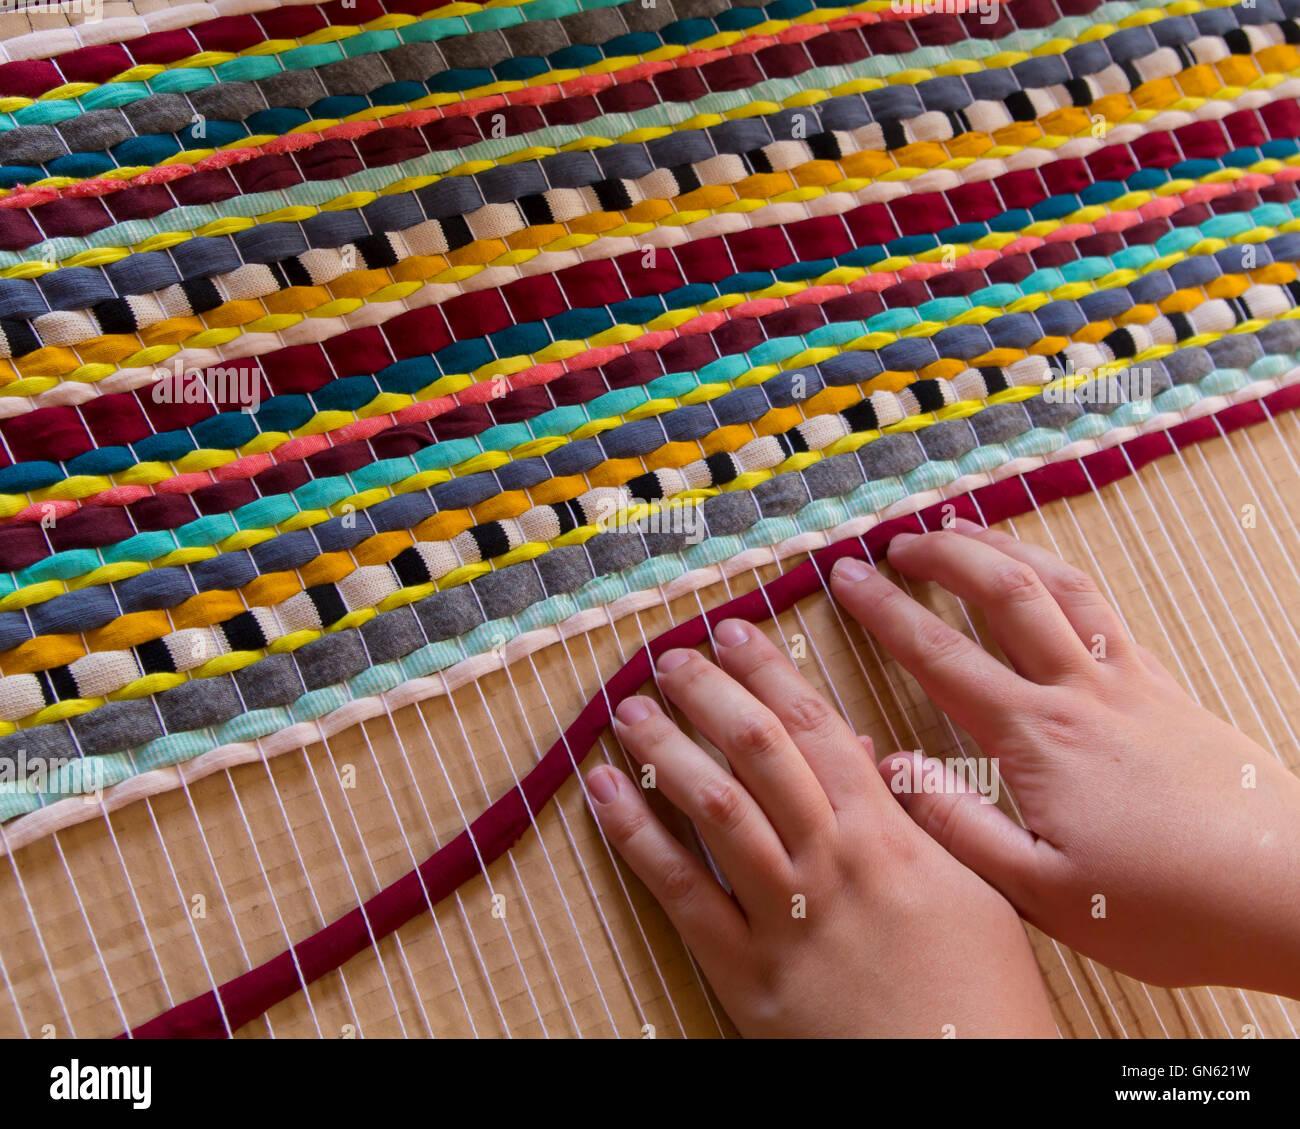 Frau Hande Einen Handgemachten Teppich Weben Stockfoto Bild